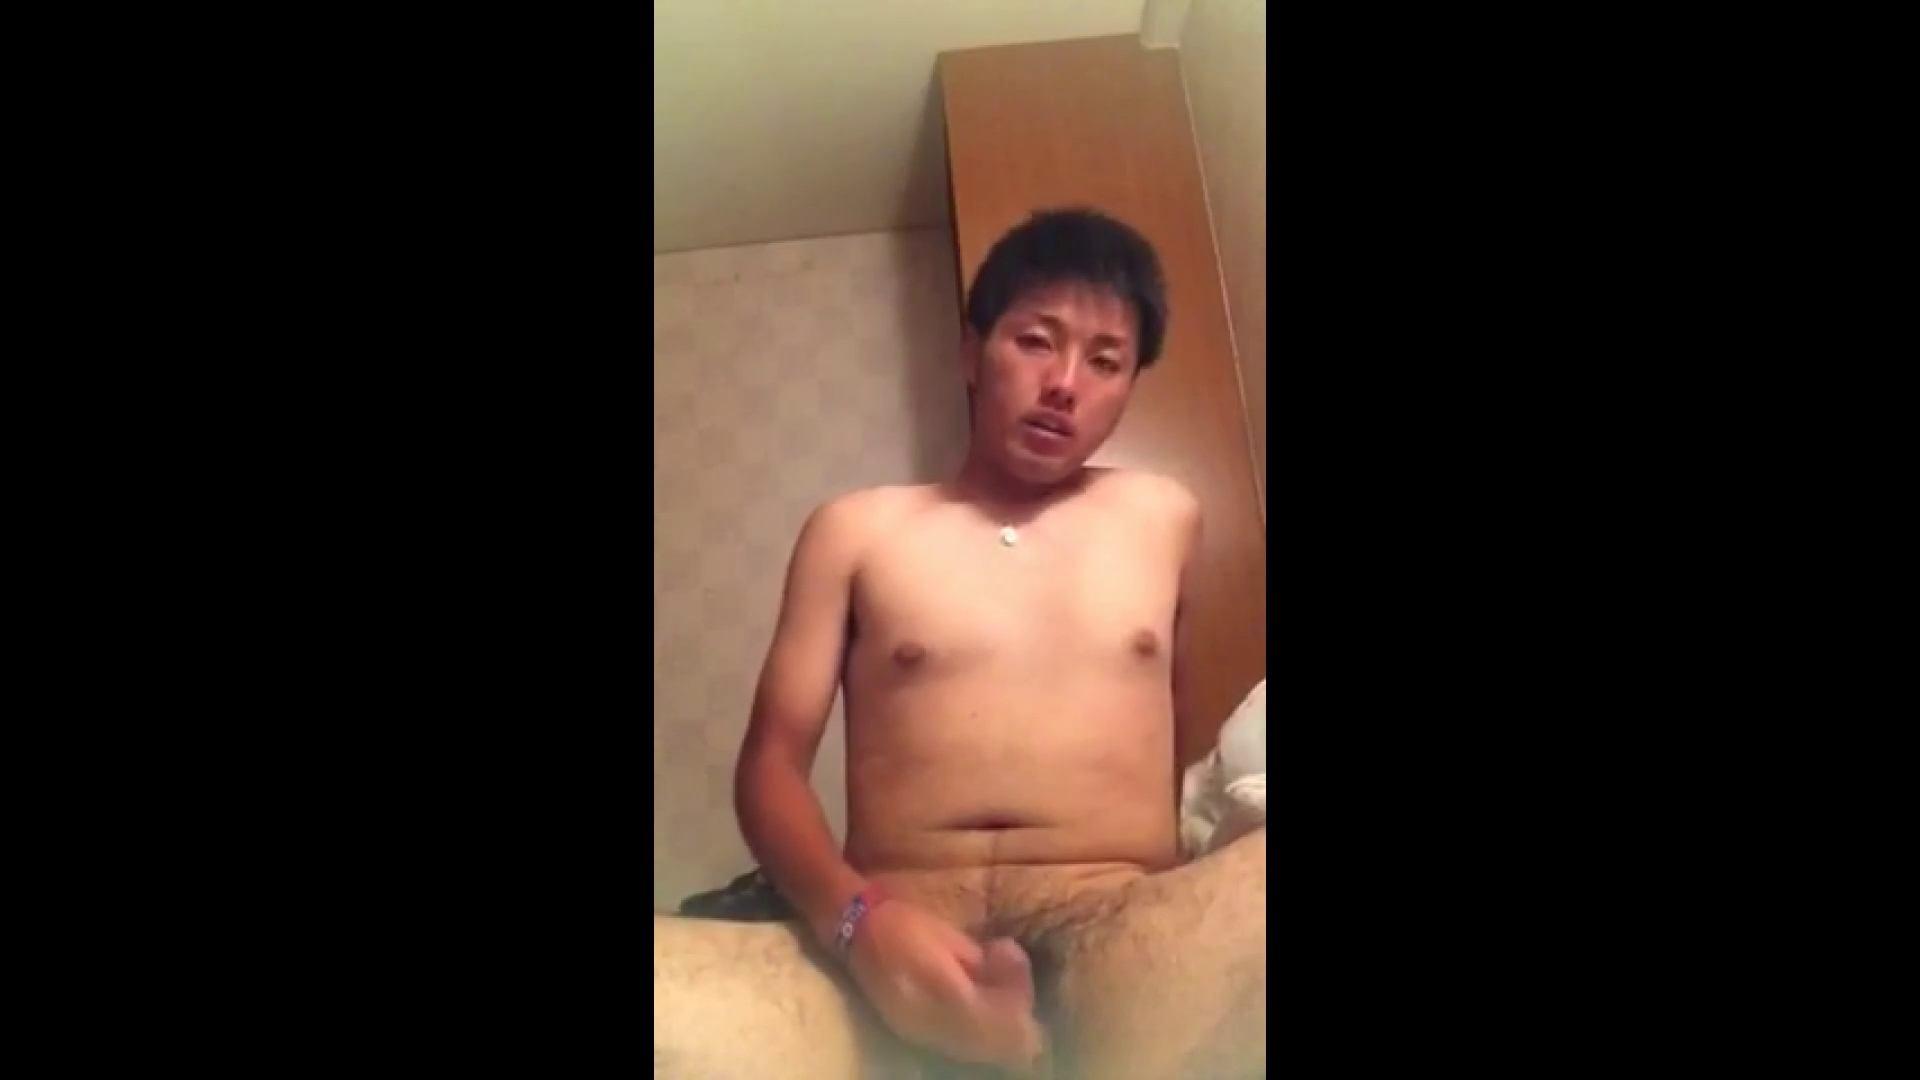 キター!ノンケちゃんオナニー特集vol.29 モザイク無し ゲイ無修正ビデオ画像 107pic 3